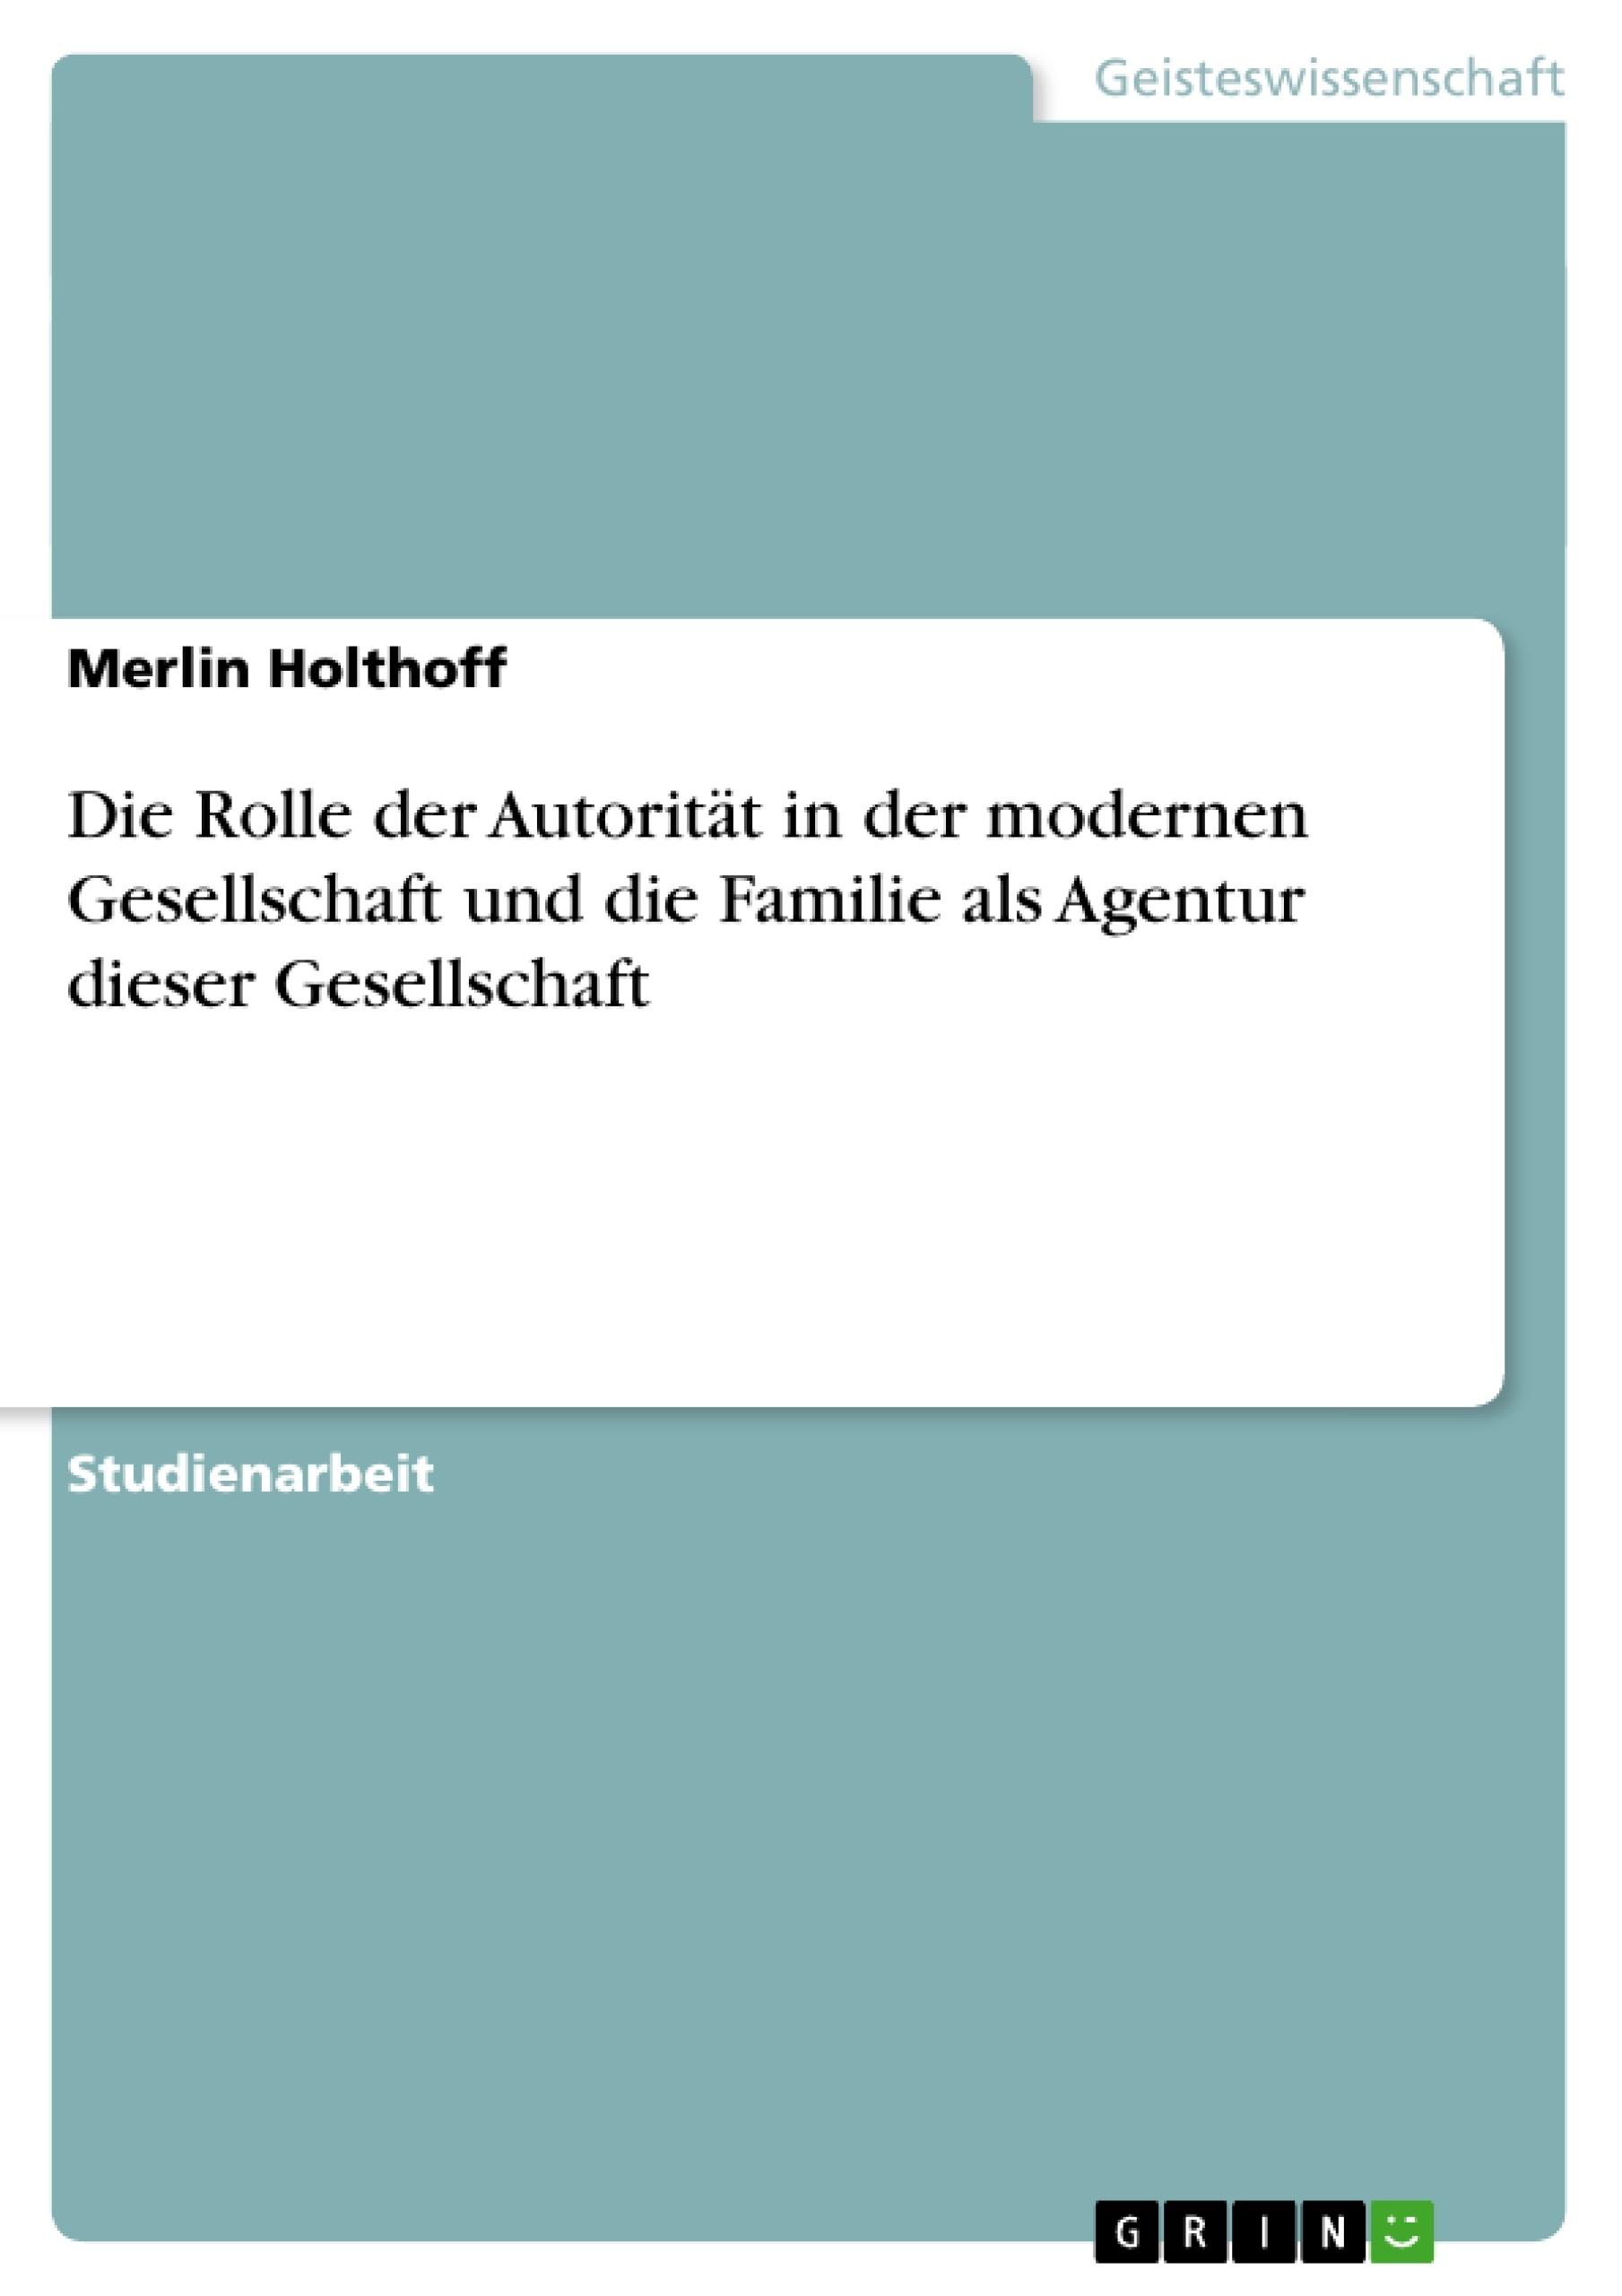 Titel: Die Rolle der Autorität in der modernen Gesellschaft und die Familie als Agentur dieser Gesellschaft